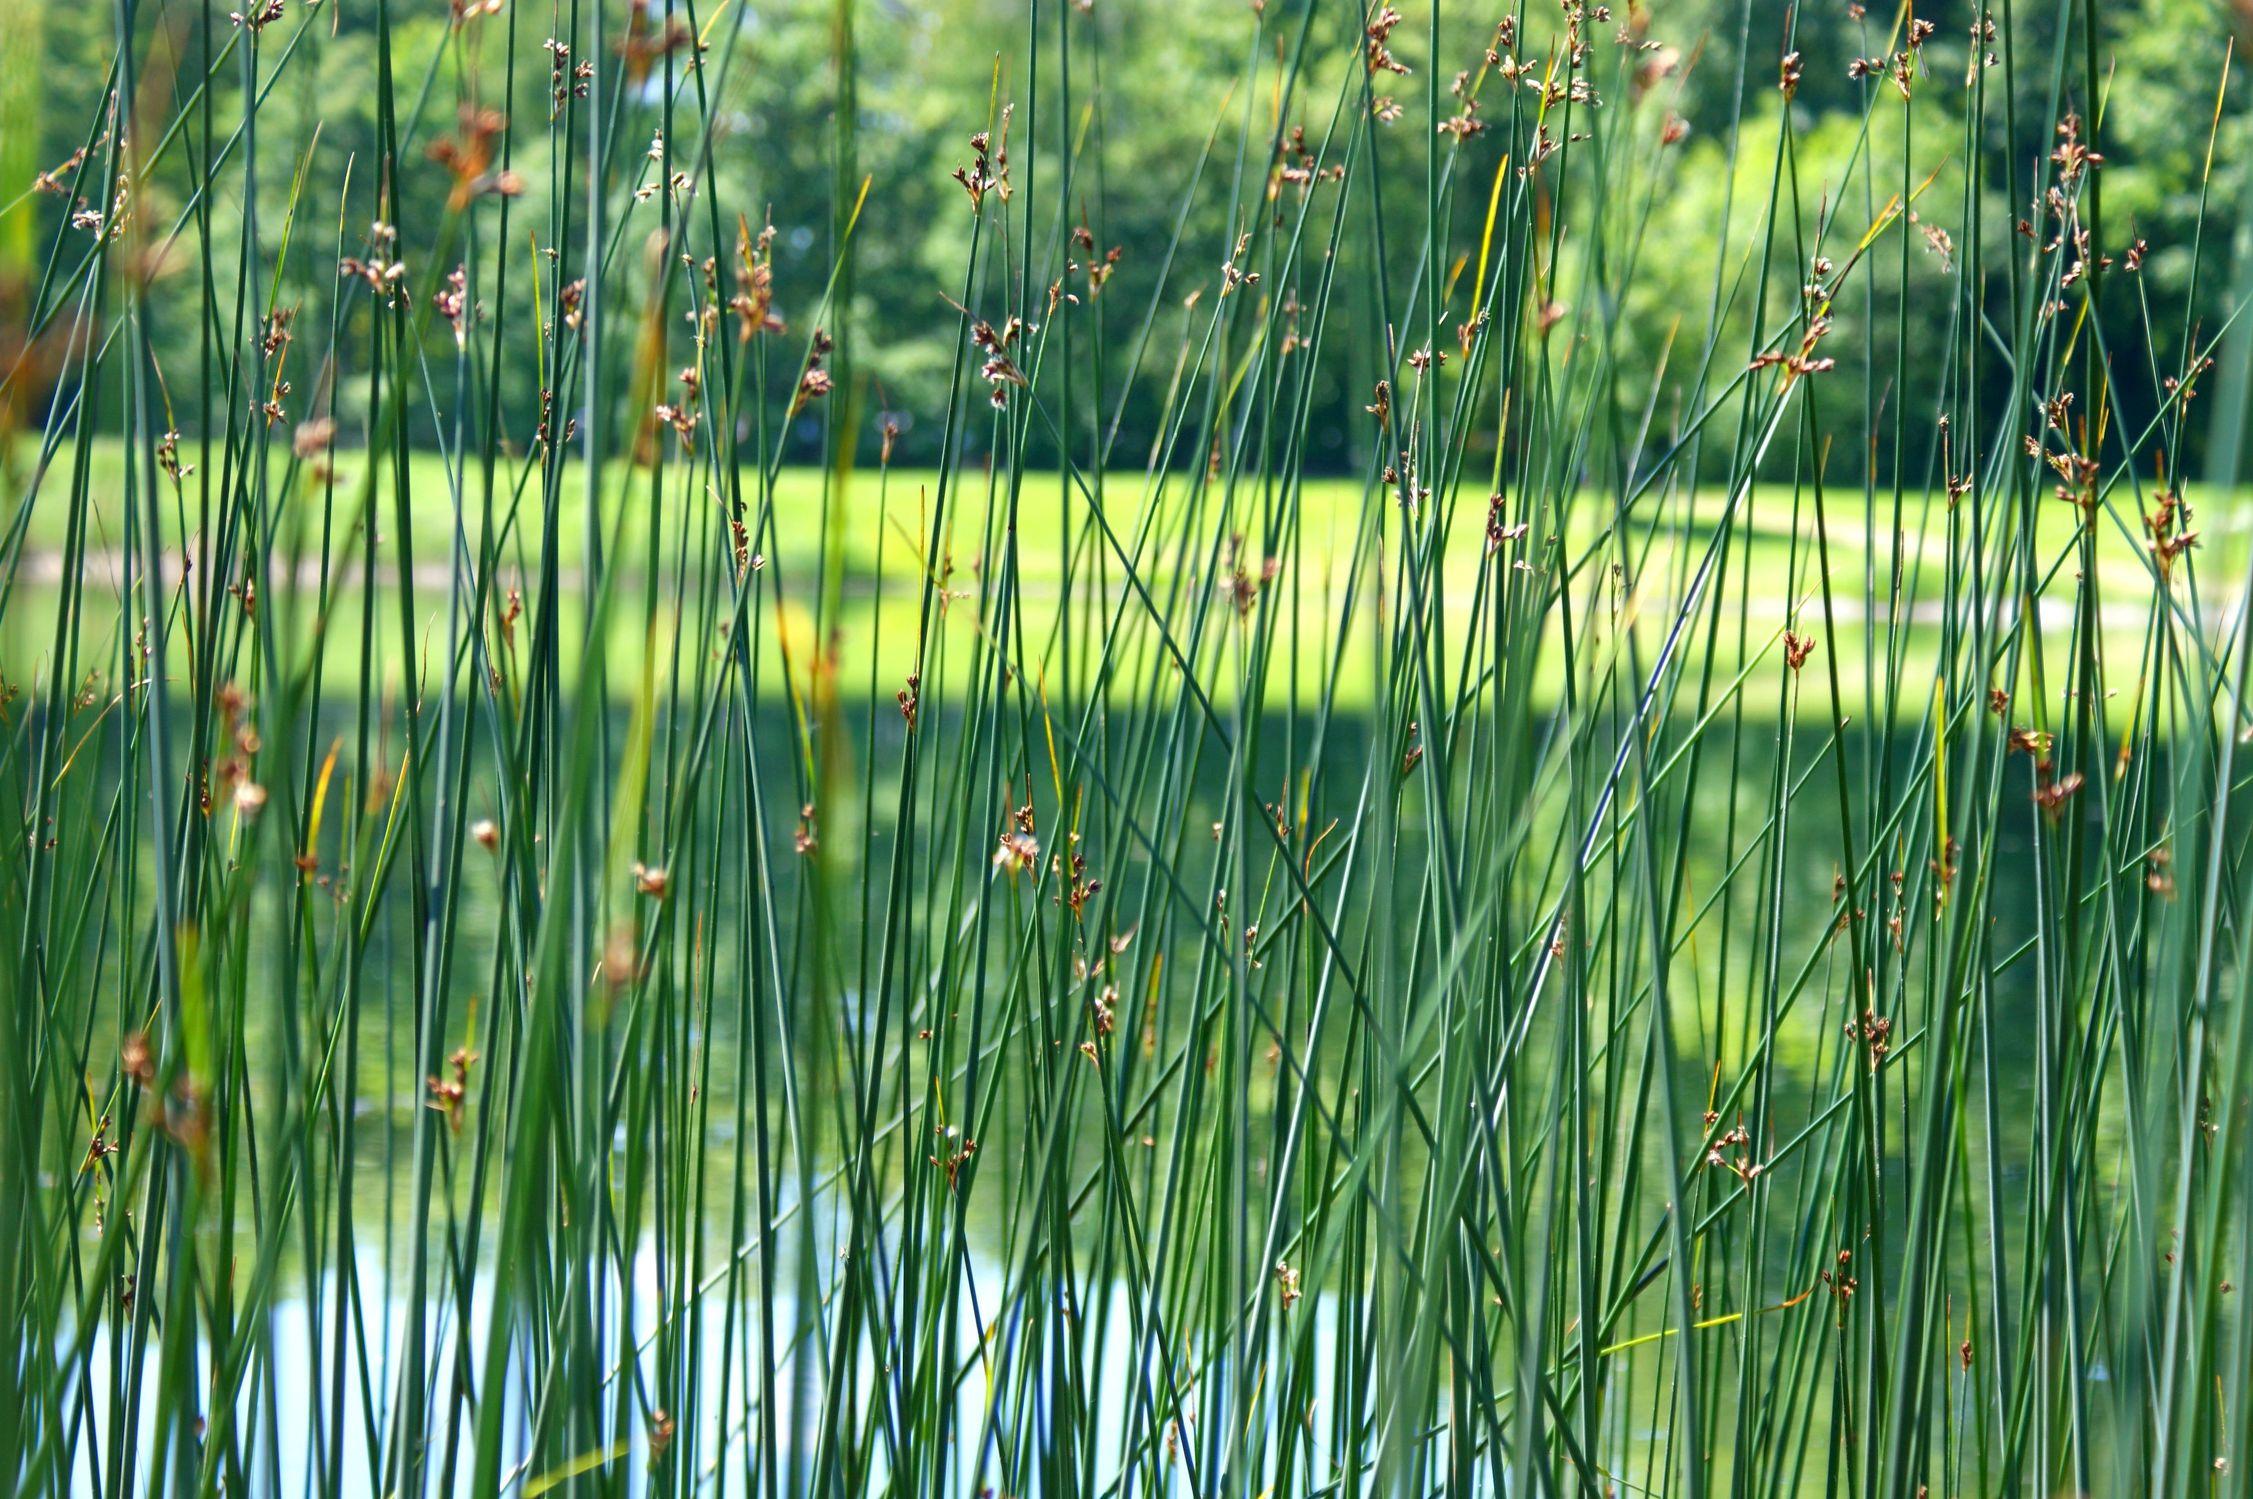 Bild mit Natur, Gräser, Gewässer, Seen, Gras, See, Ruhe am See, auwald